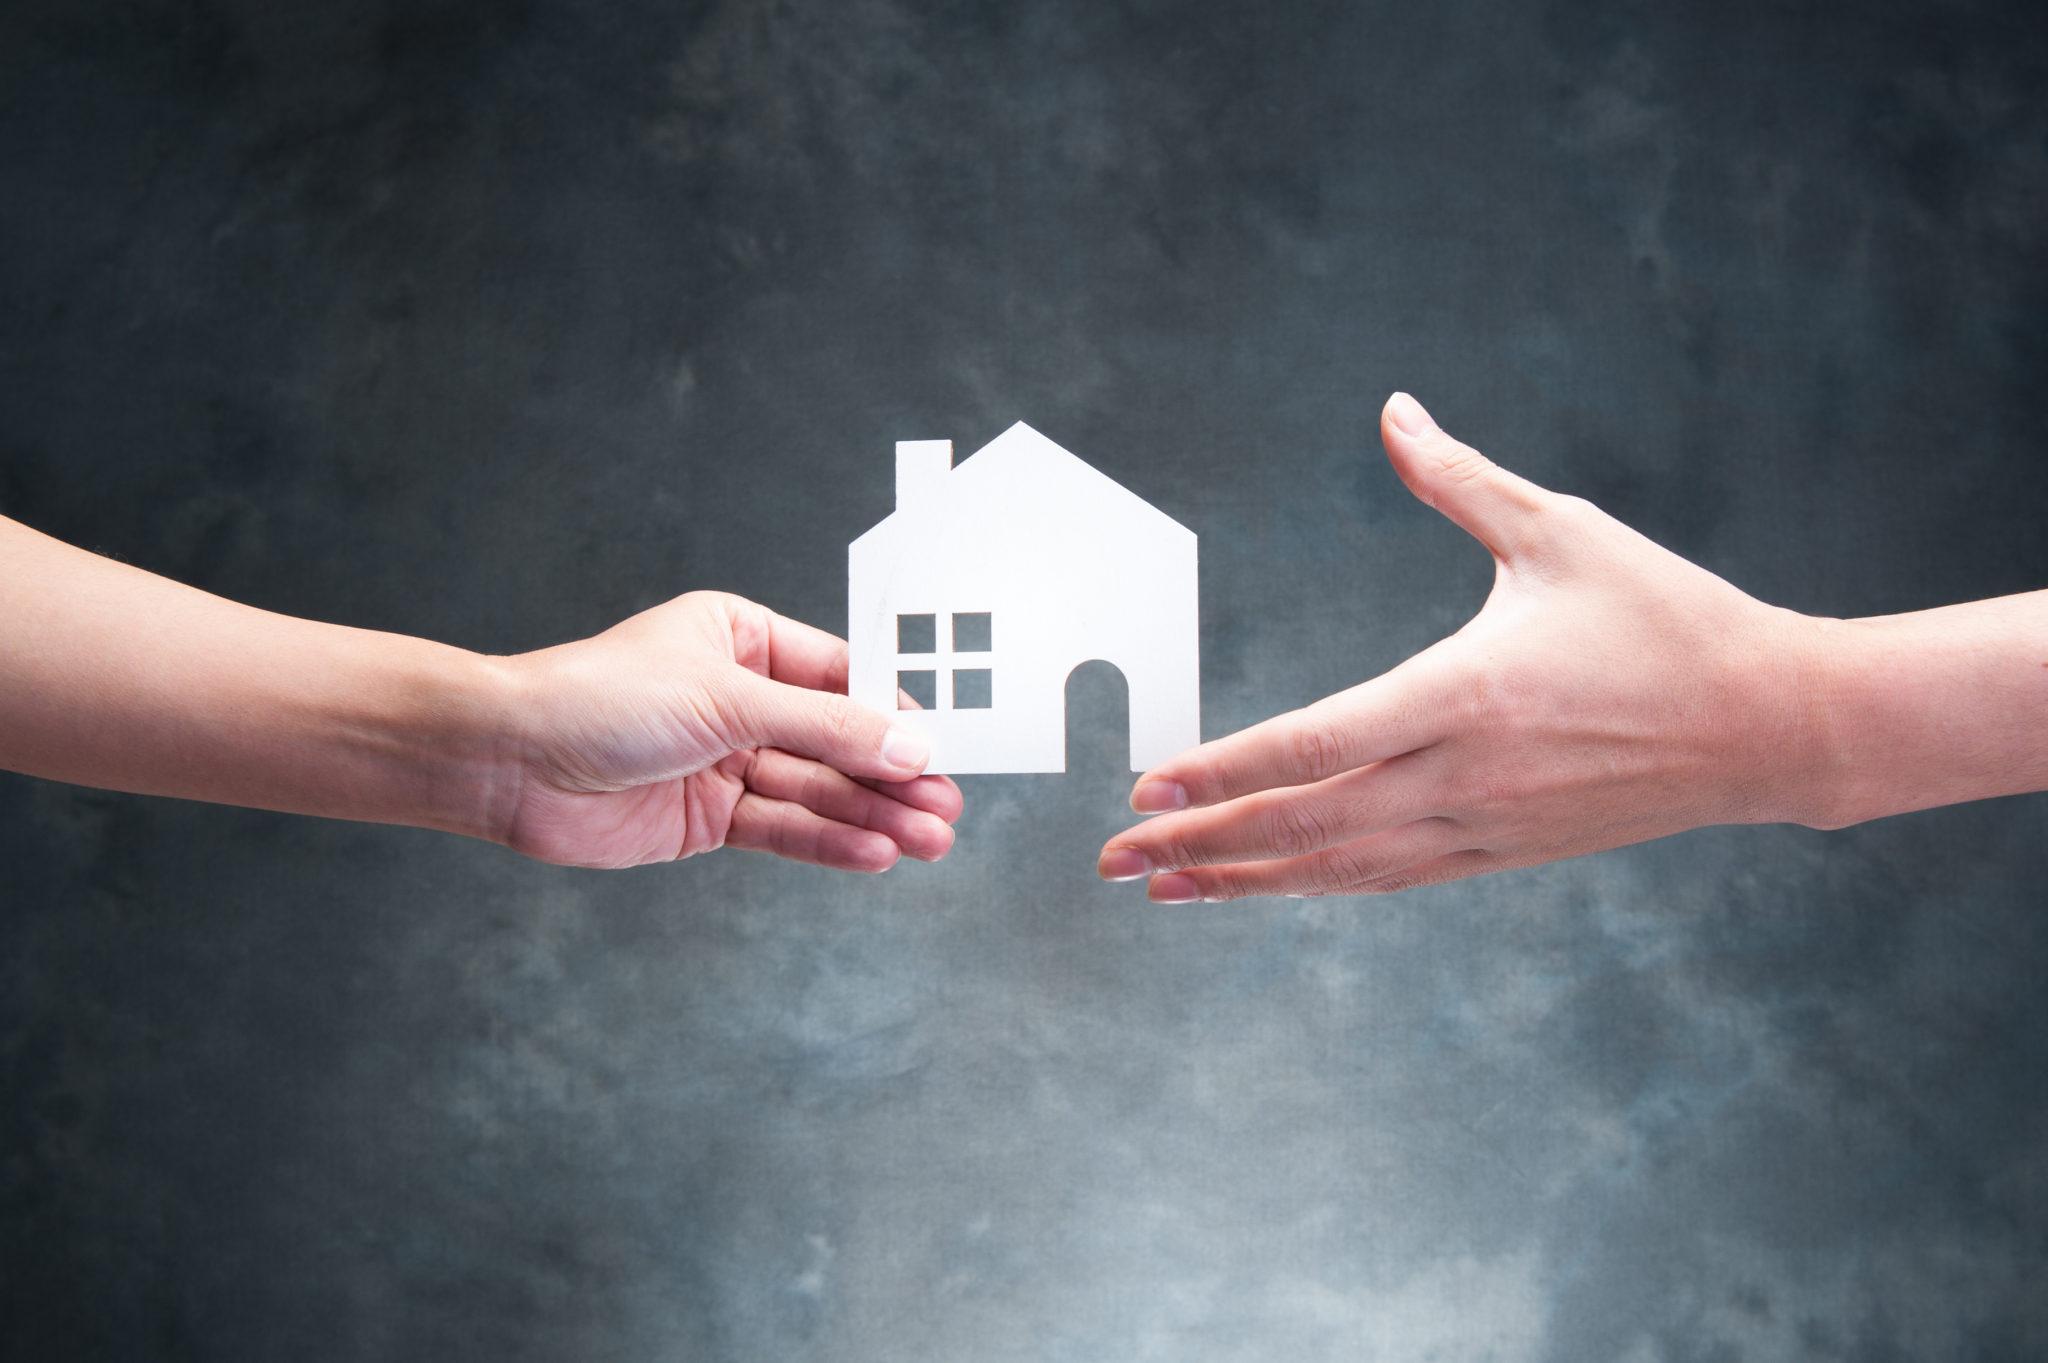 Как правильно составить договор дарения на двух одаряемых